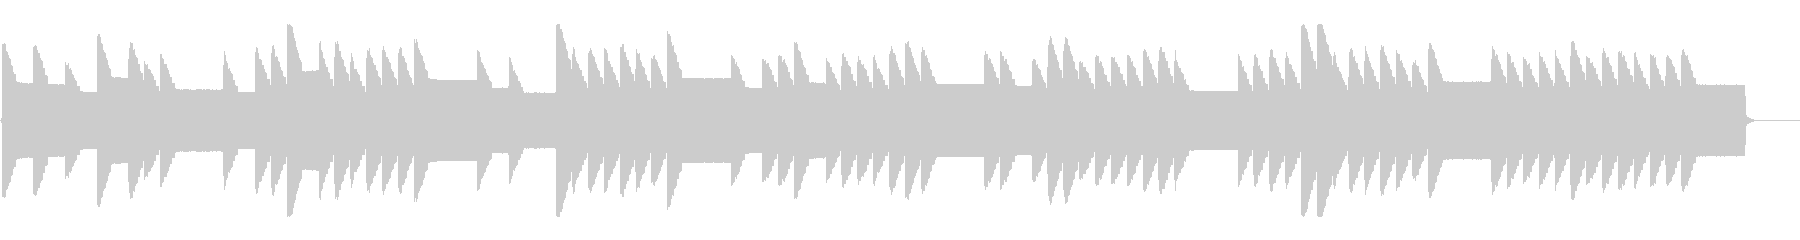 横断歩道 誘導音-4_通りゃんせ_dryの未再生の波形